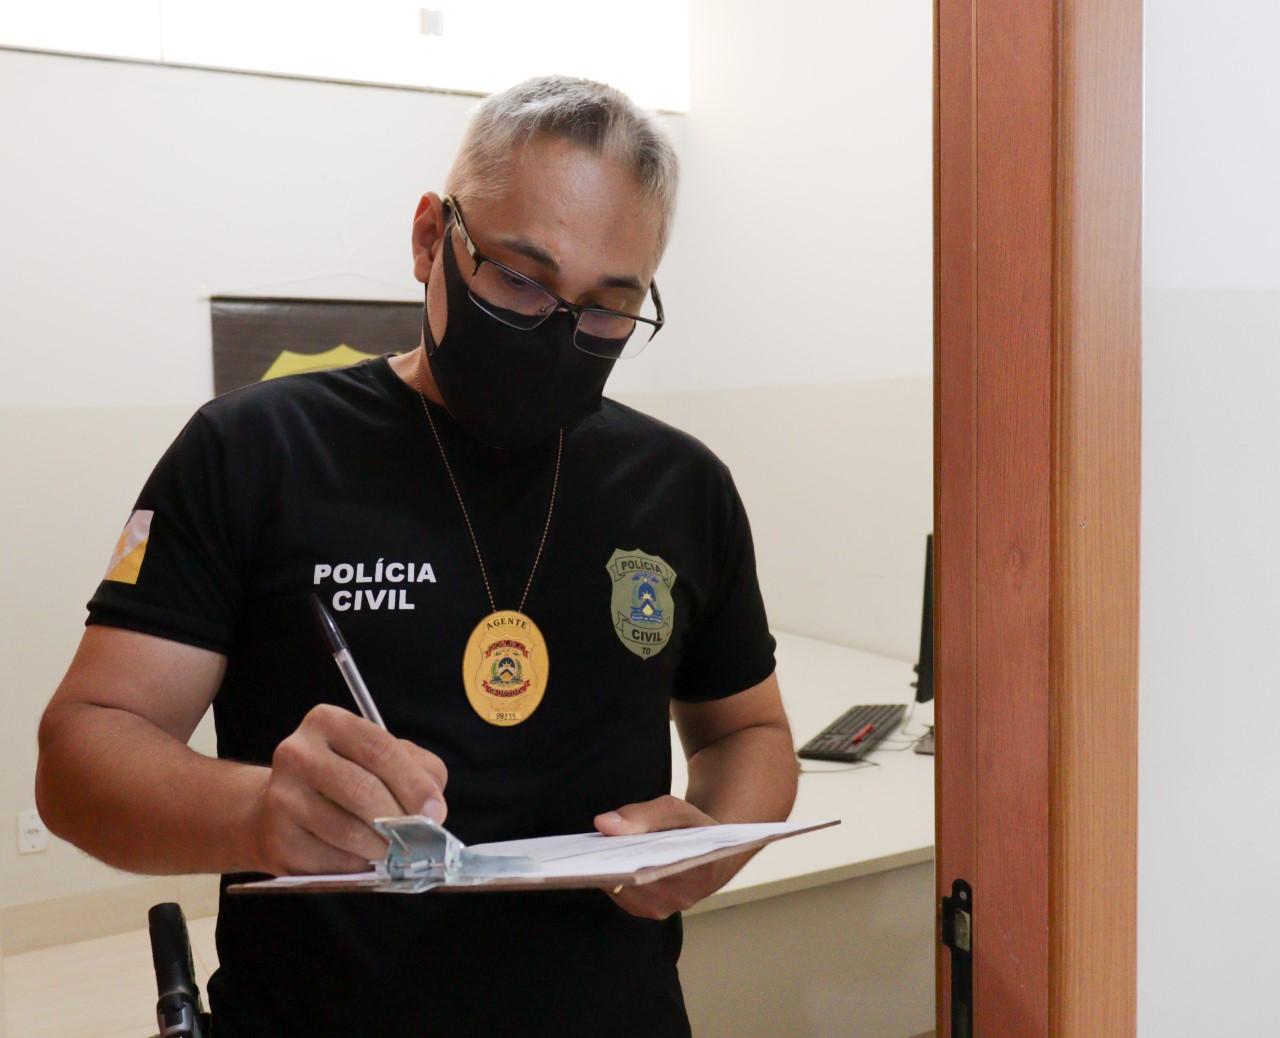 Polícia Civil desvenda homicídio ocorrido em Arraias e prende principal suspeito pelo crime